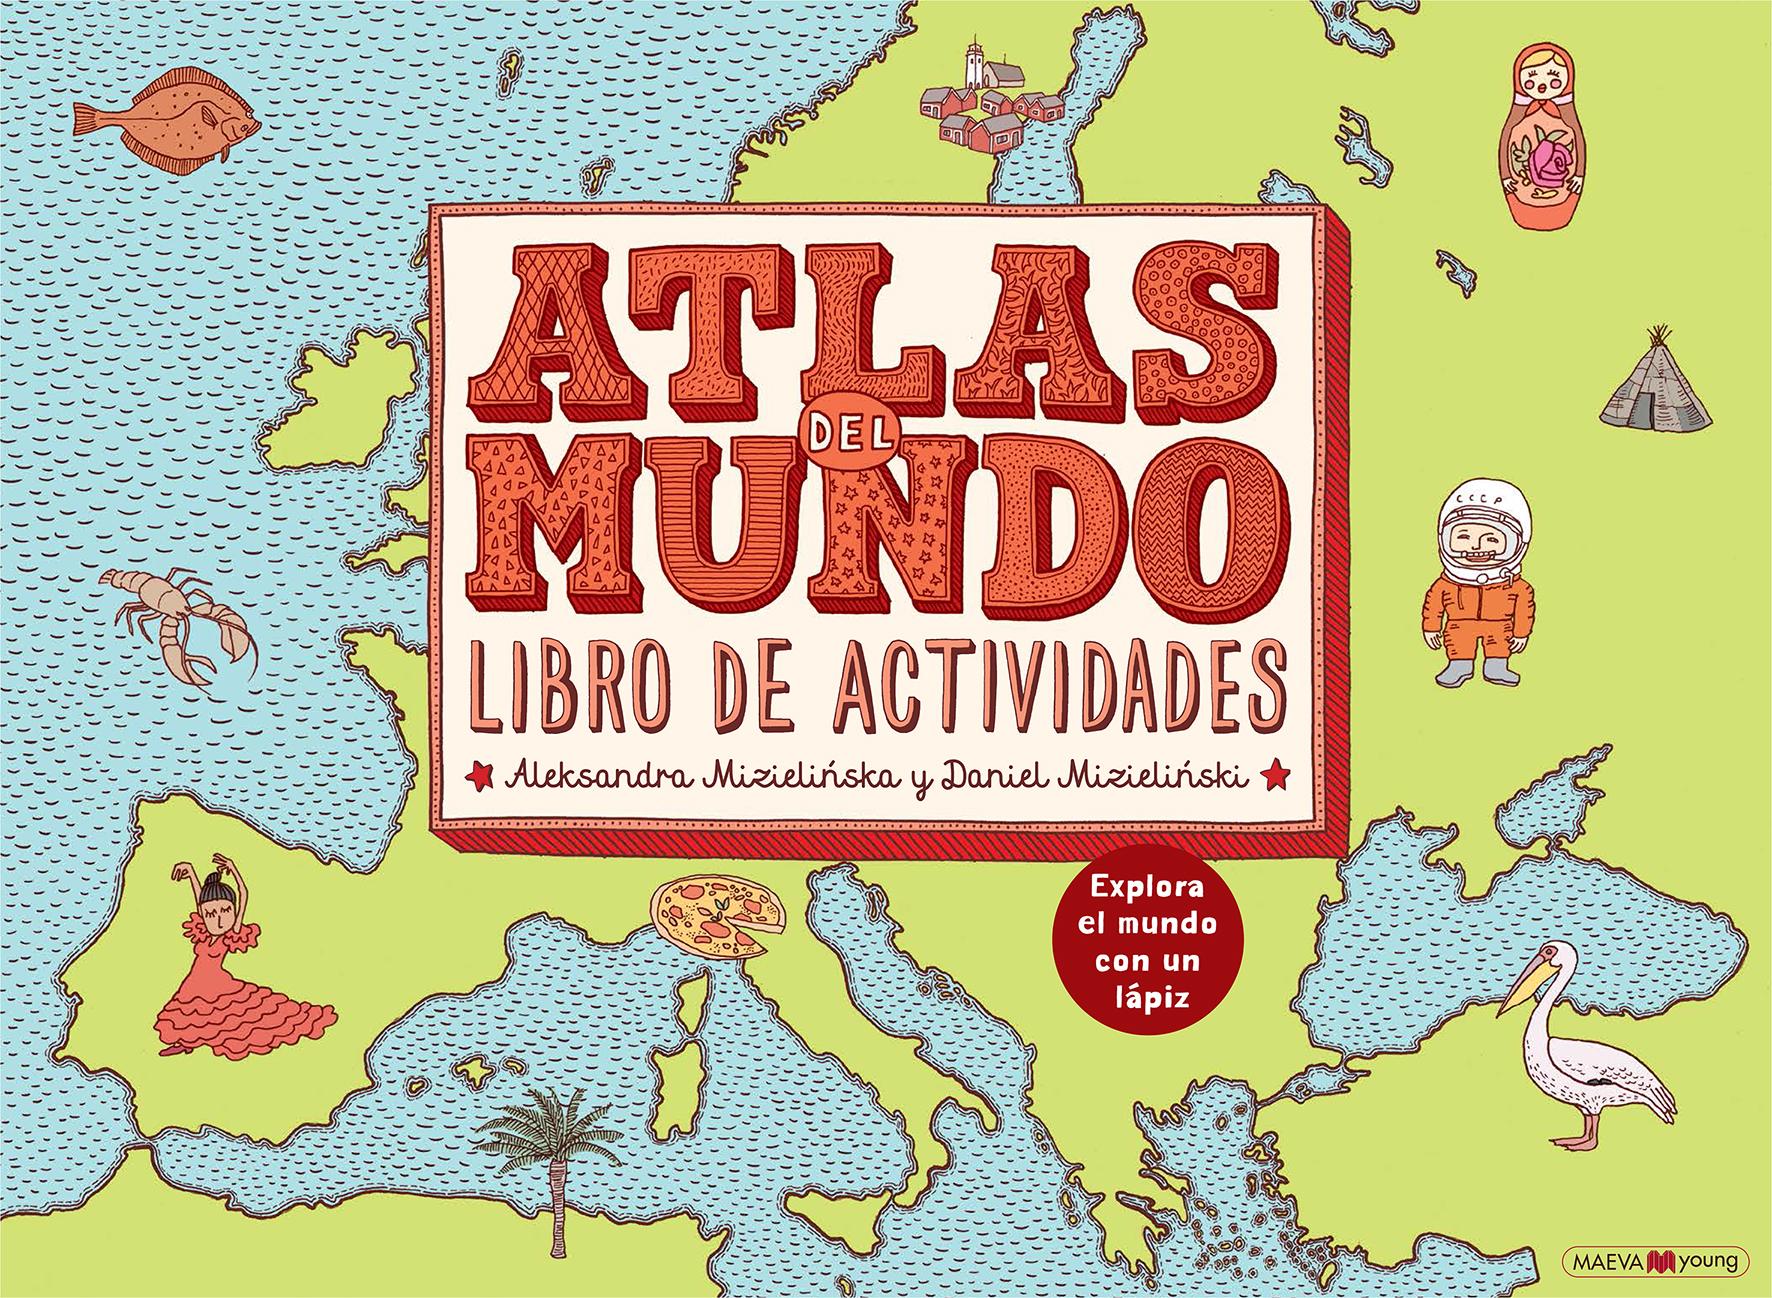 https://www.maeva.es/repositorio/lecturas/inicio-cuaderno-de-activ.-atlas.pdf